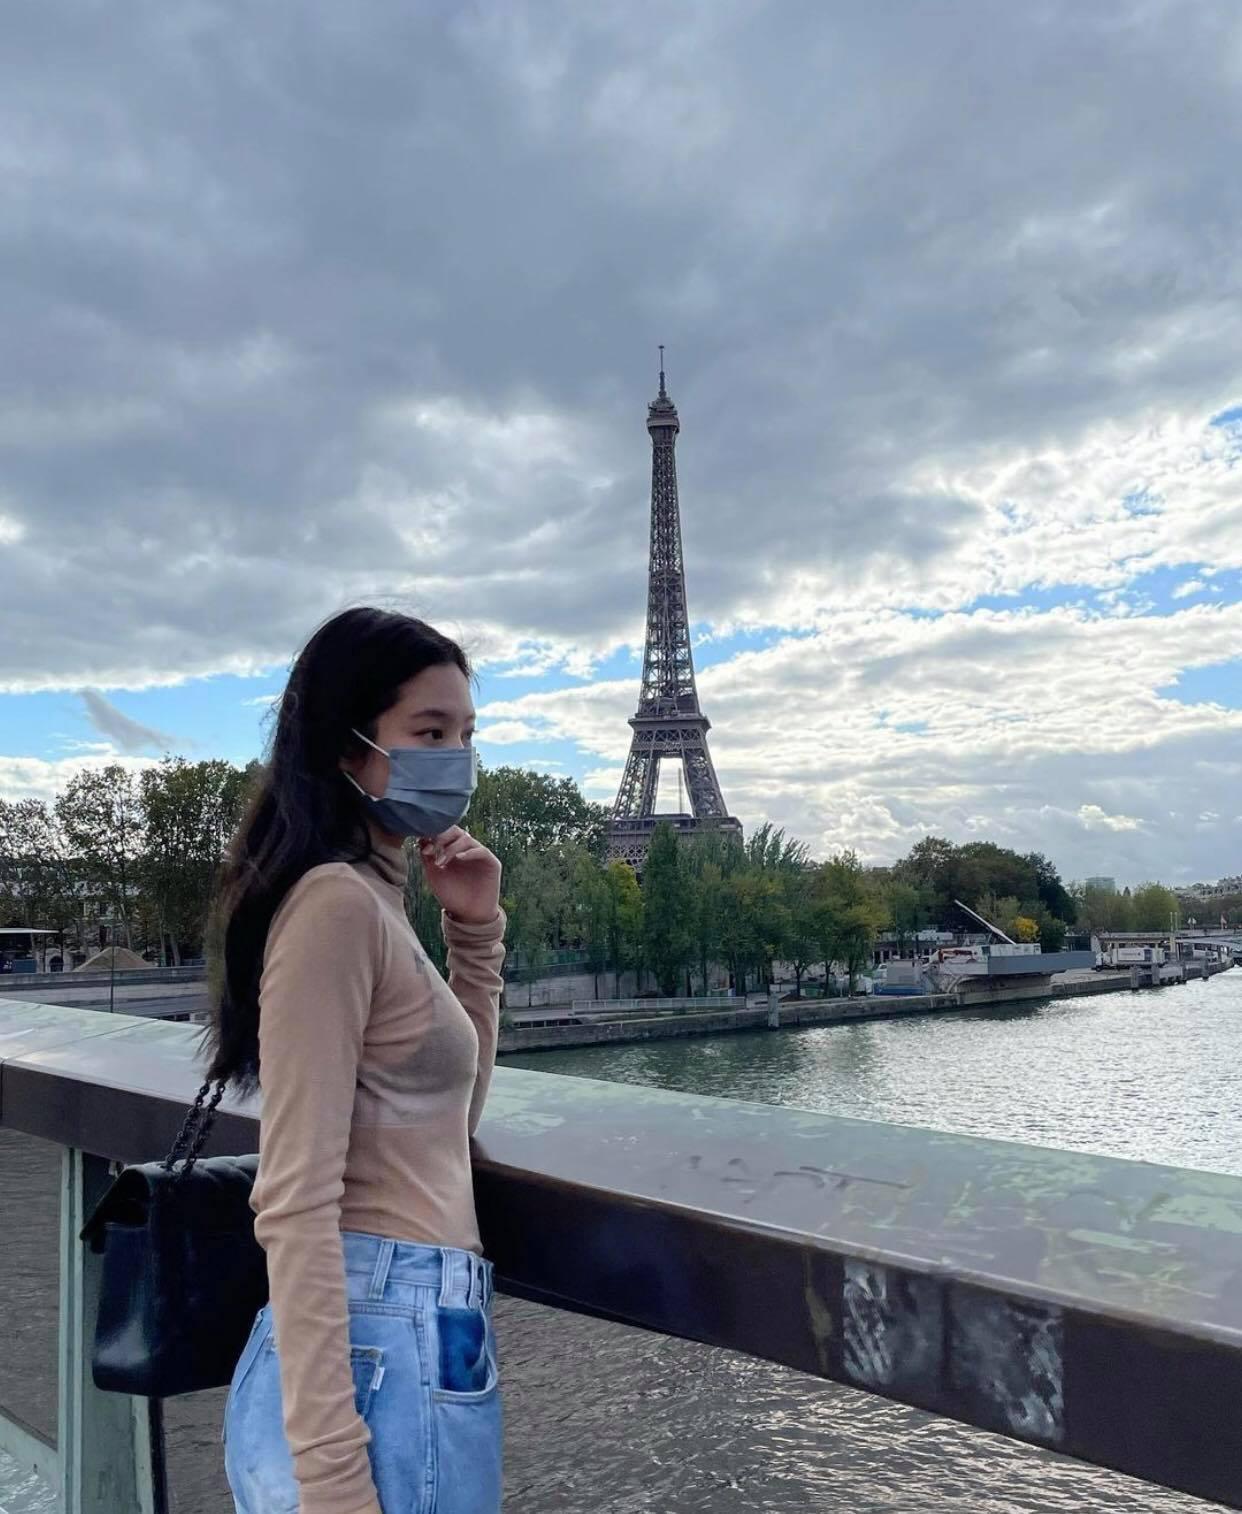 Đến Paris là Jennie xõa hết cỡ, hở bạo kiểu… gây lú: Hết khoe ảnh giấu quần hiểm hóc, giờ lại đến như mặc độc áo lót đi chơi - Ảnh 4.